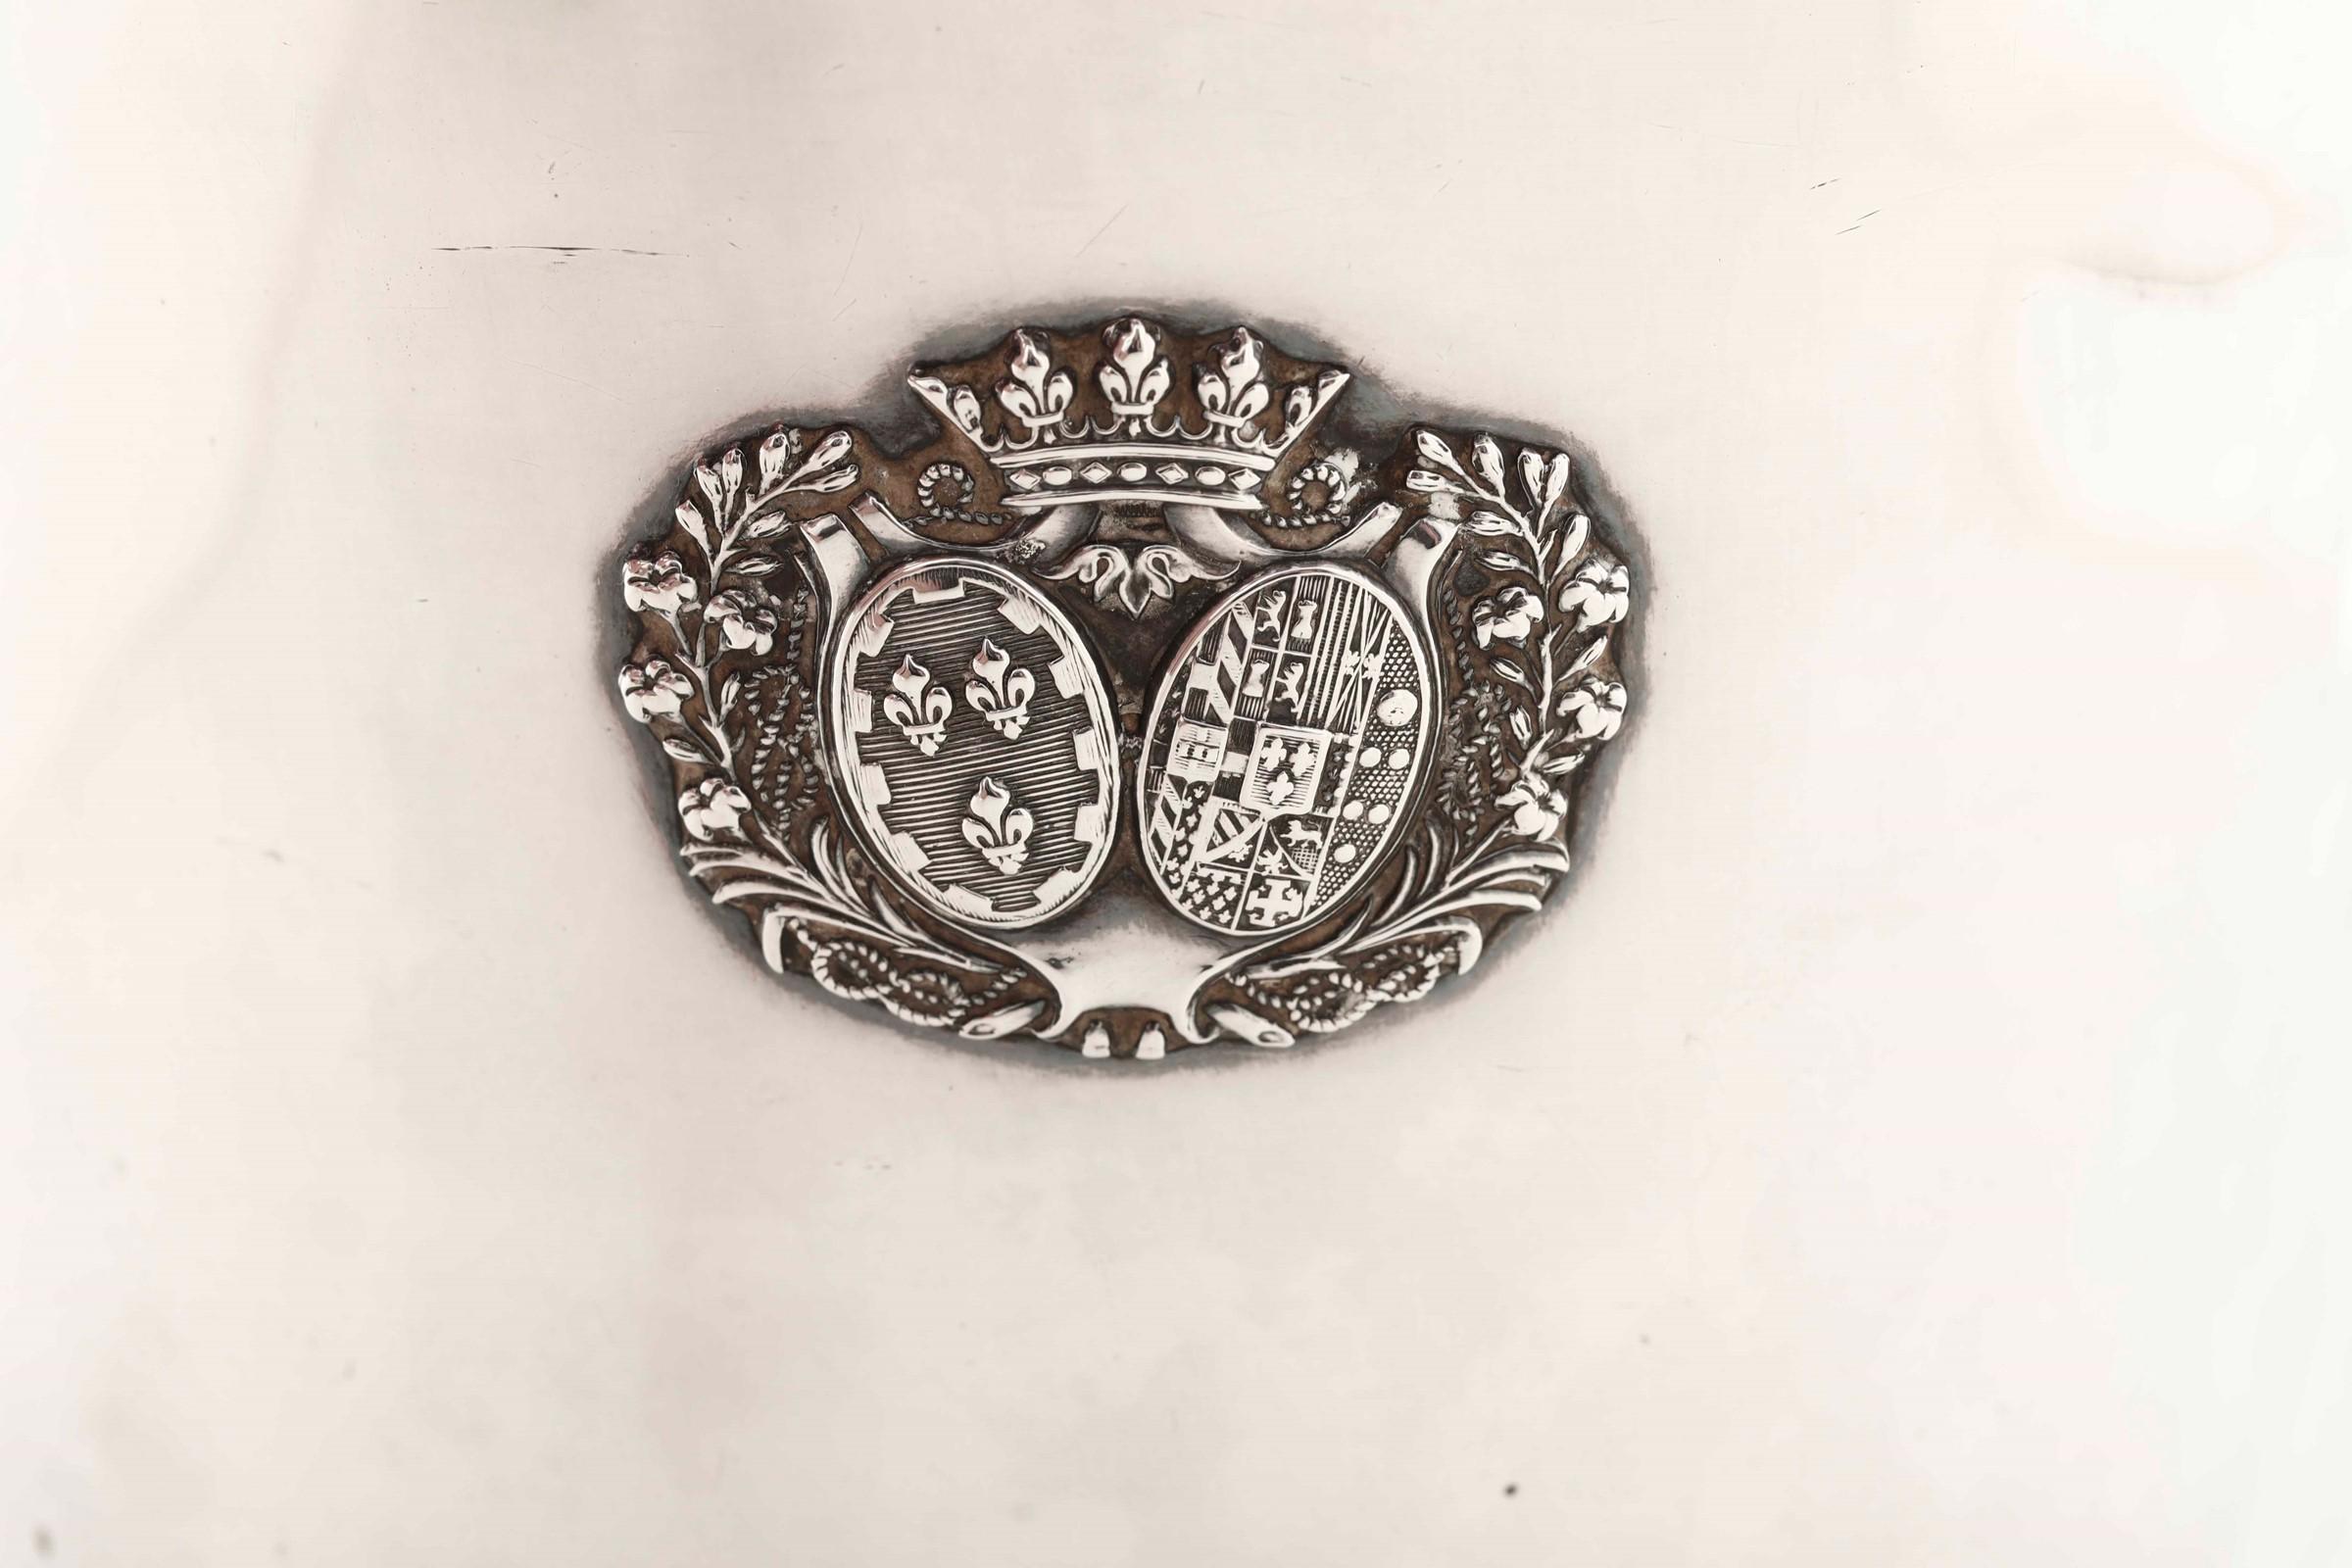 Rinfrescatoio in argento primo titolo fuso, sbalzato e cesellato. Parigi 1819-1838. [...] - Image 2 of 4